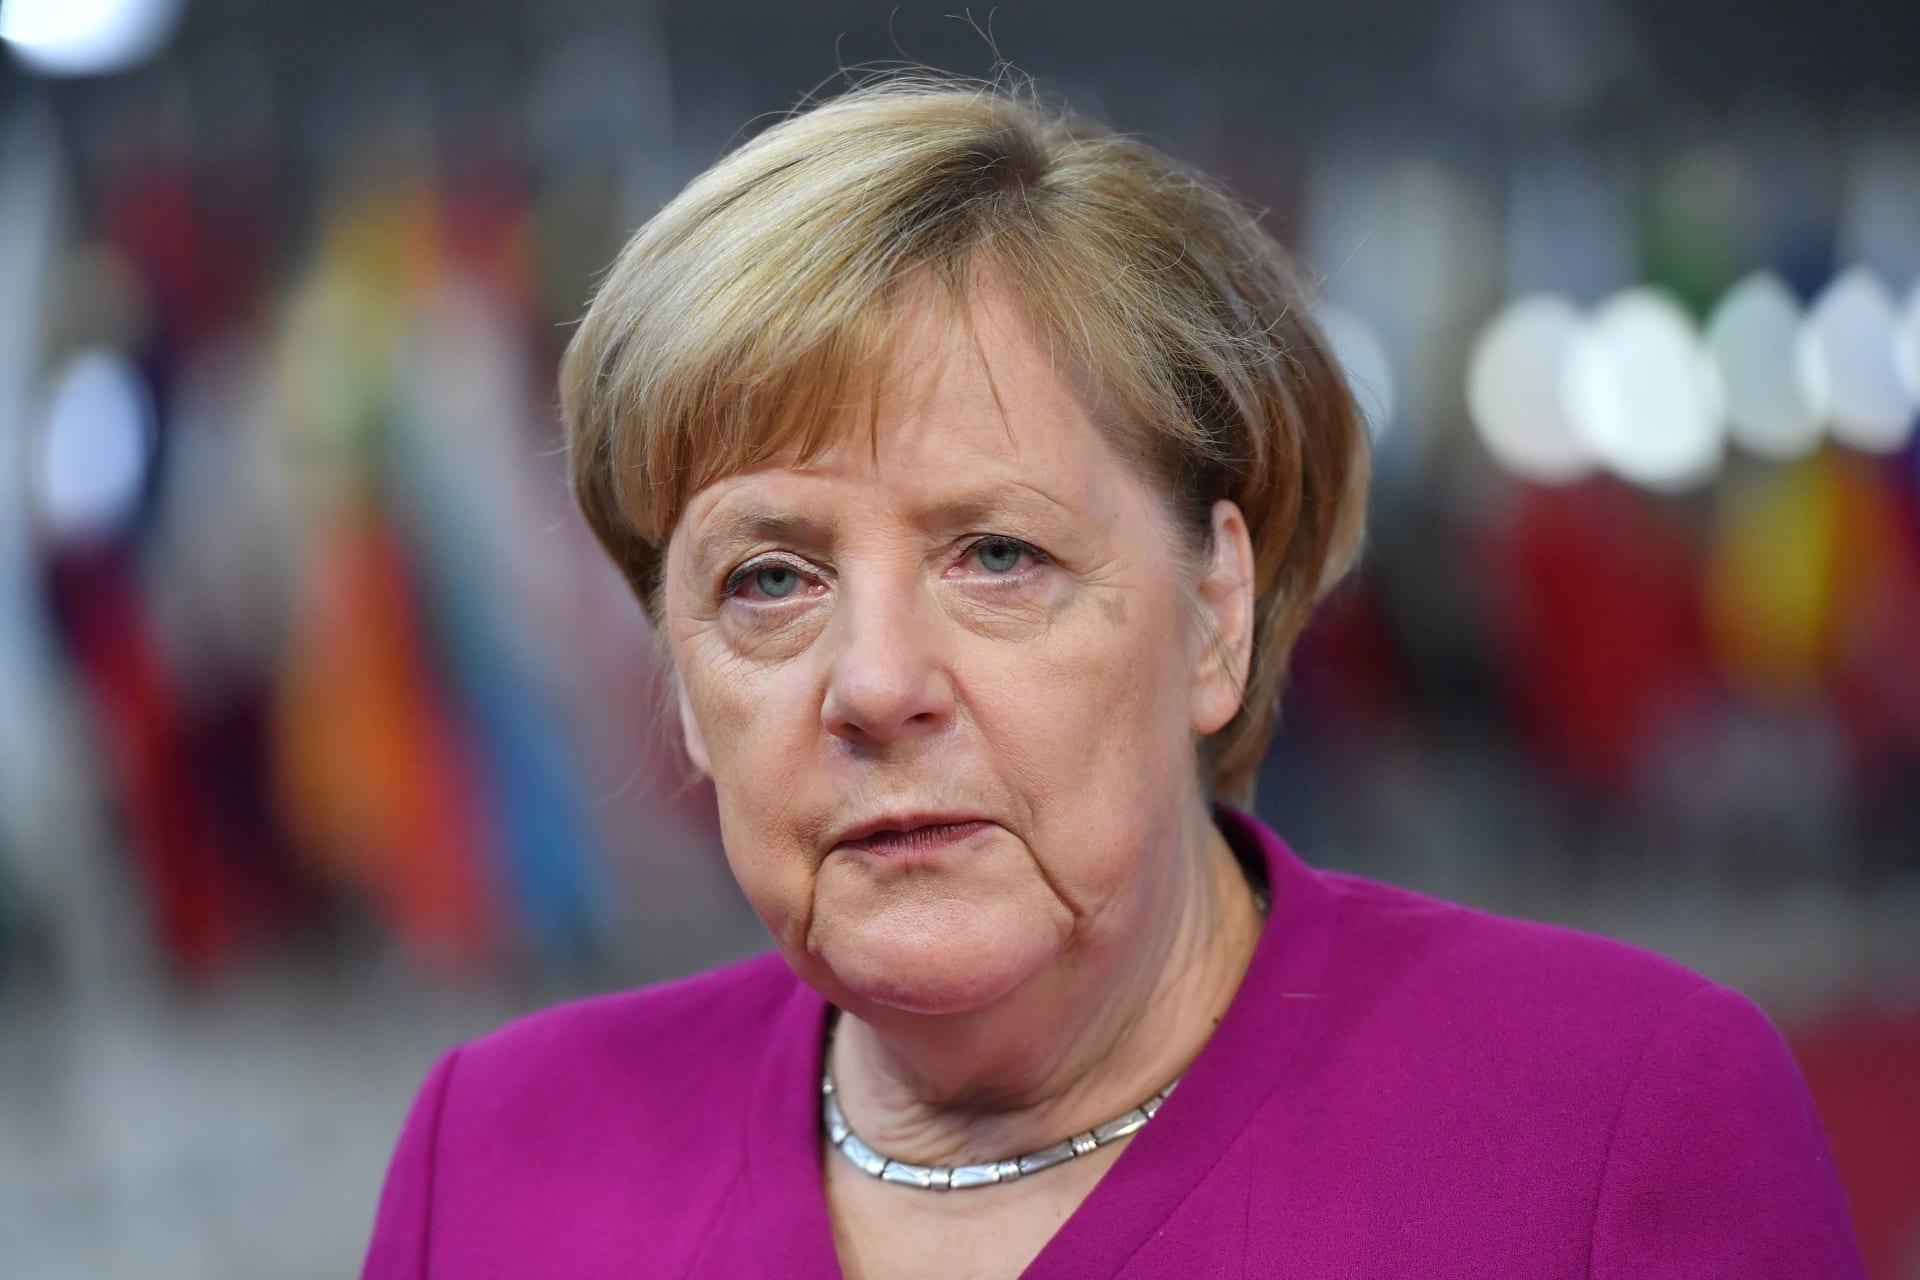 """ألمستشارة الألمانية: التفسير السعودي لقضية جمال خاشقجي """"ليس كافيا"""""""